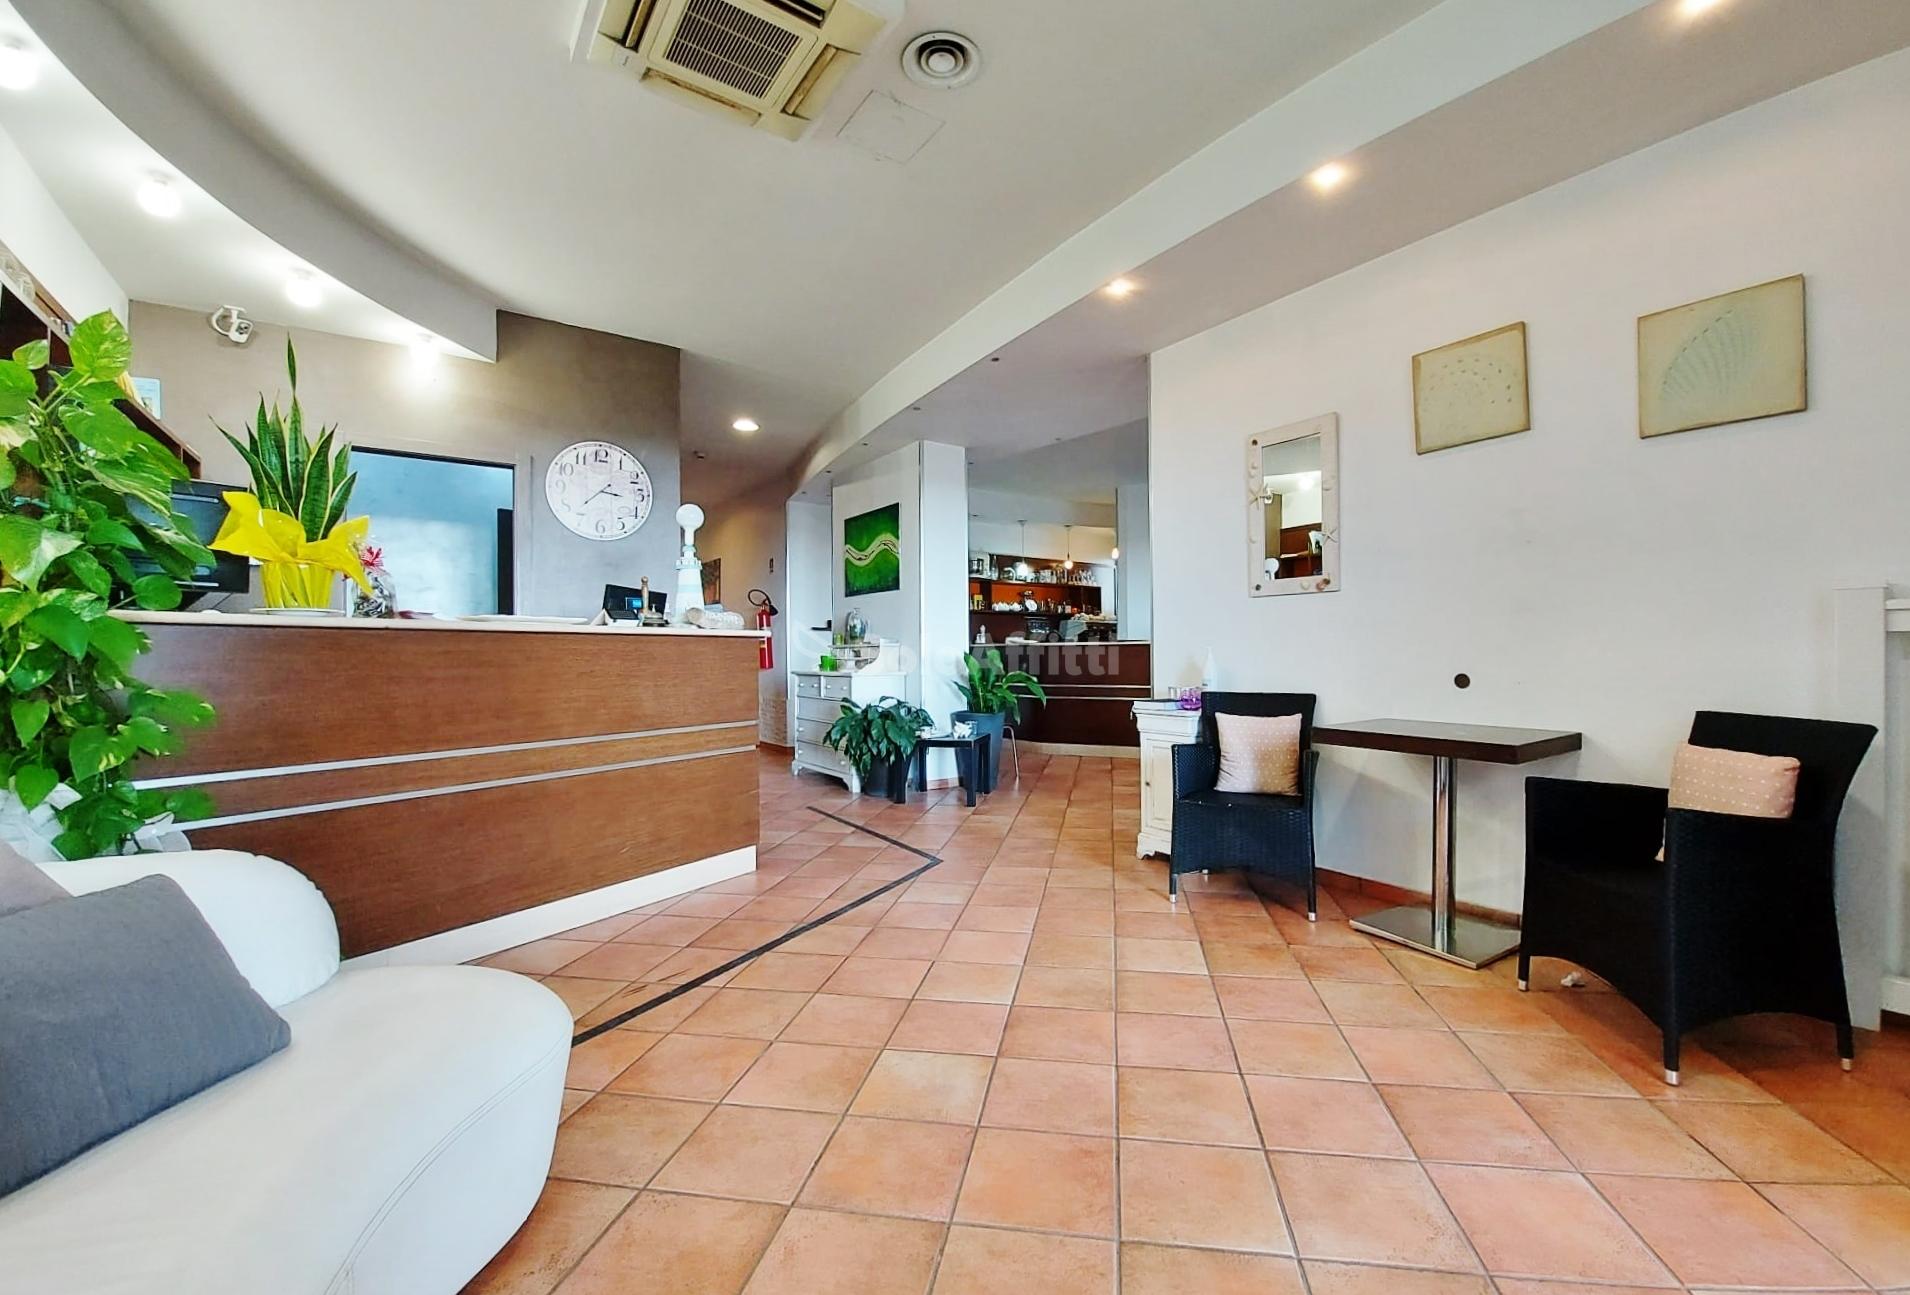 Fiumicino, Isola Sacra - struttura alberghiera hot